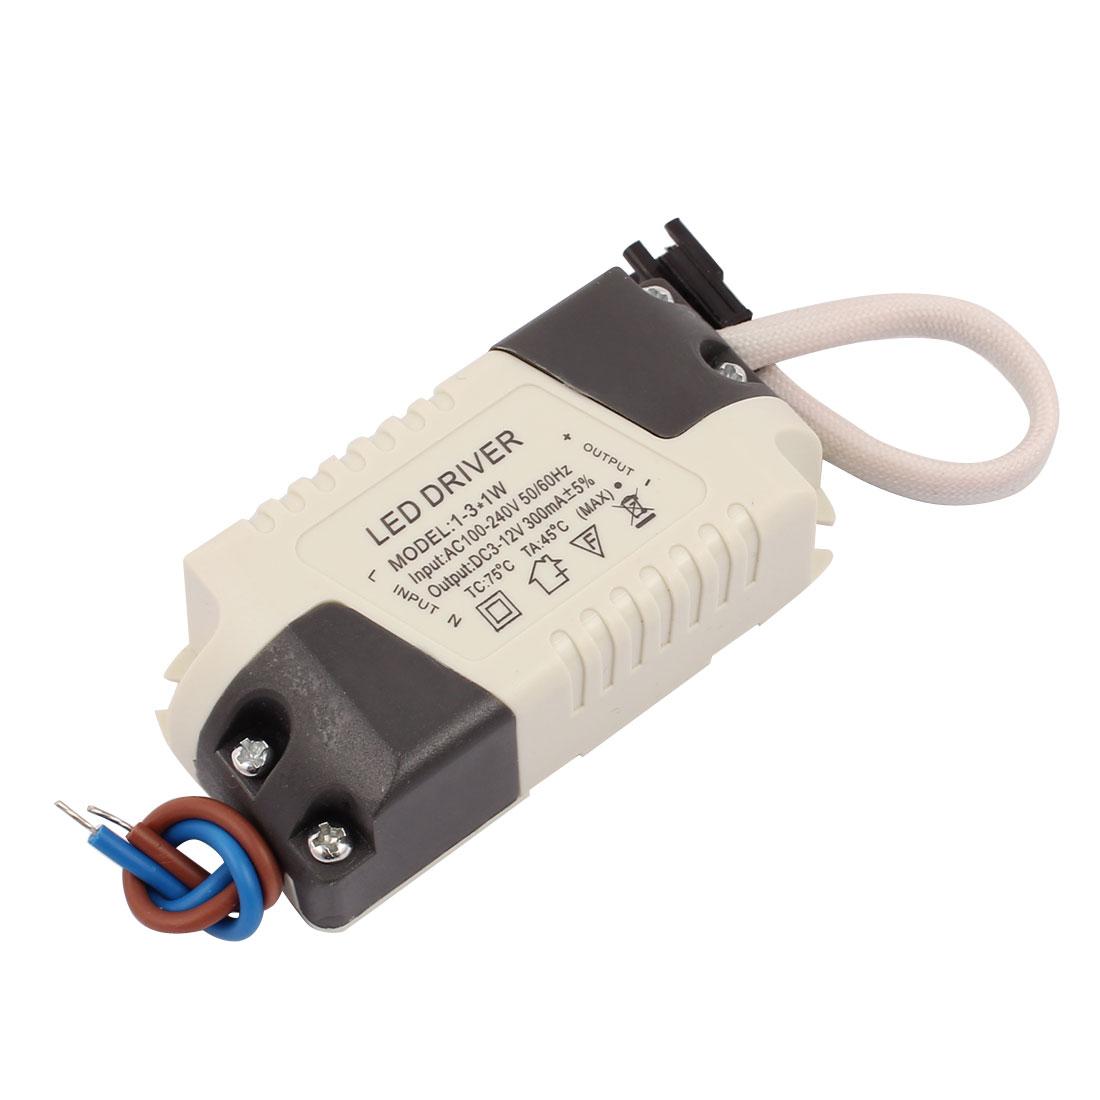 AC 100-240V to DC 3-12V 300mA LED Driver Power Supply Transformer Converter